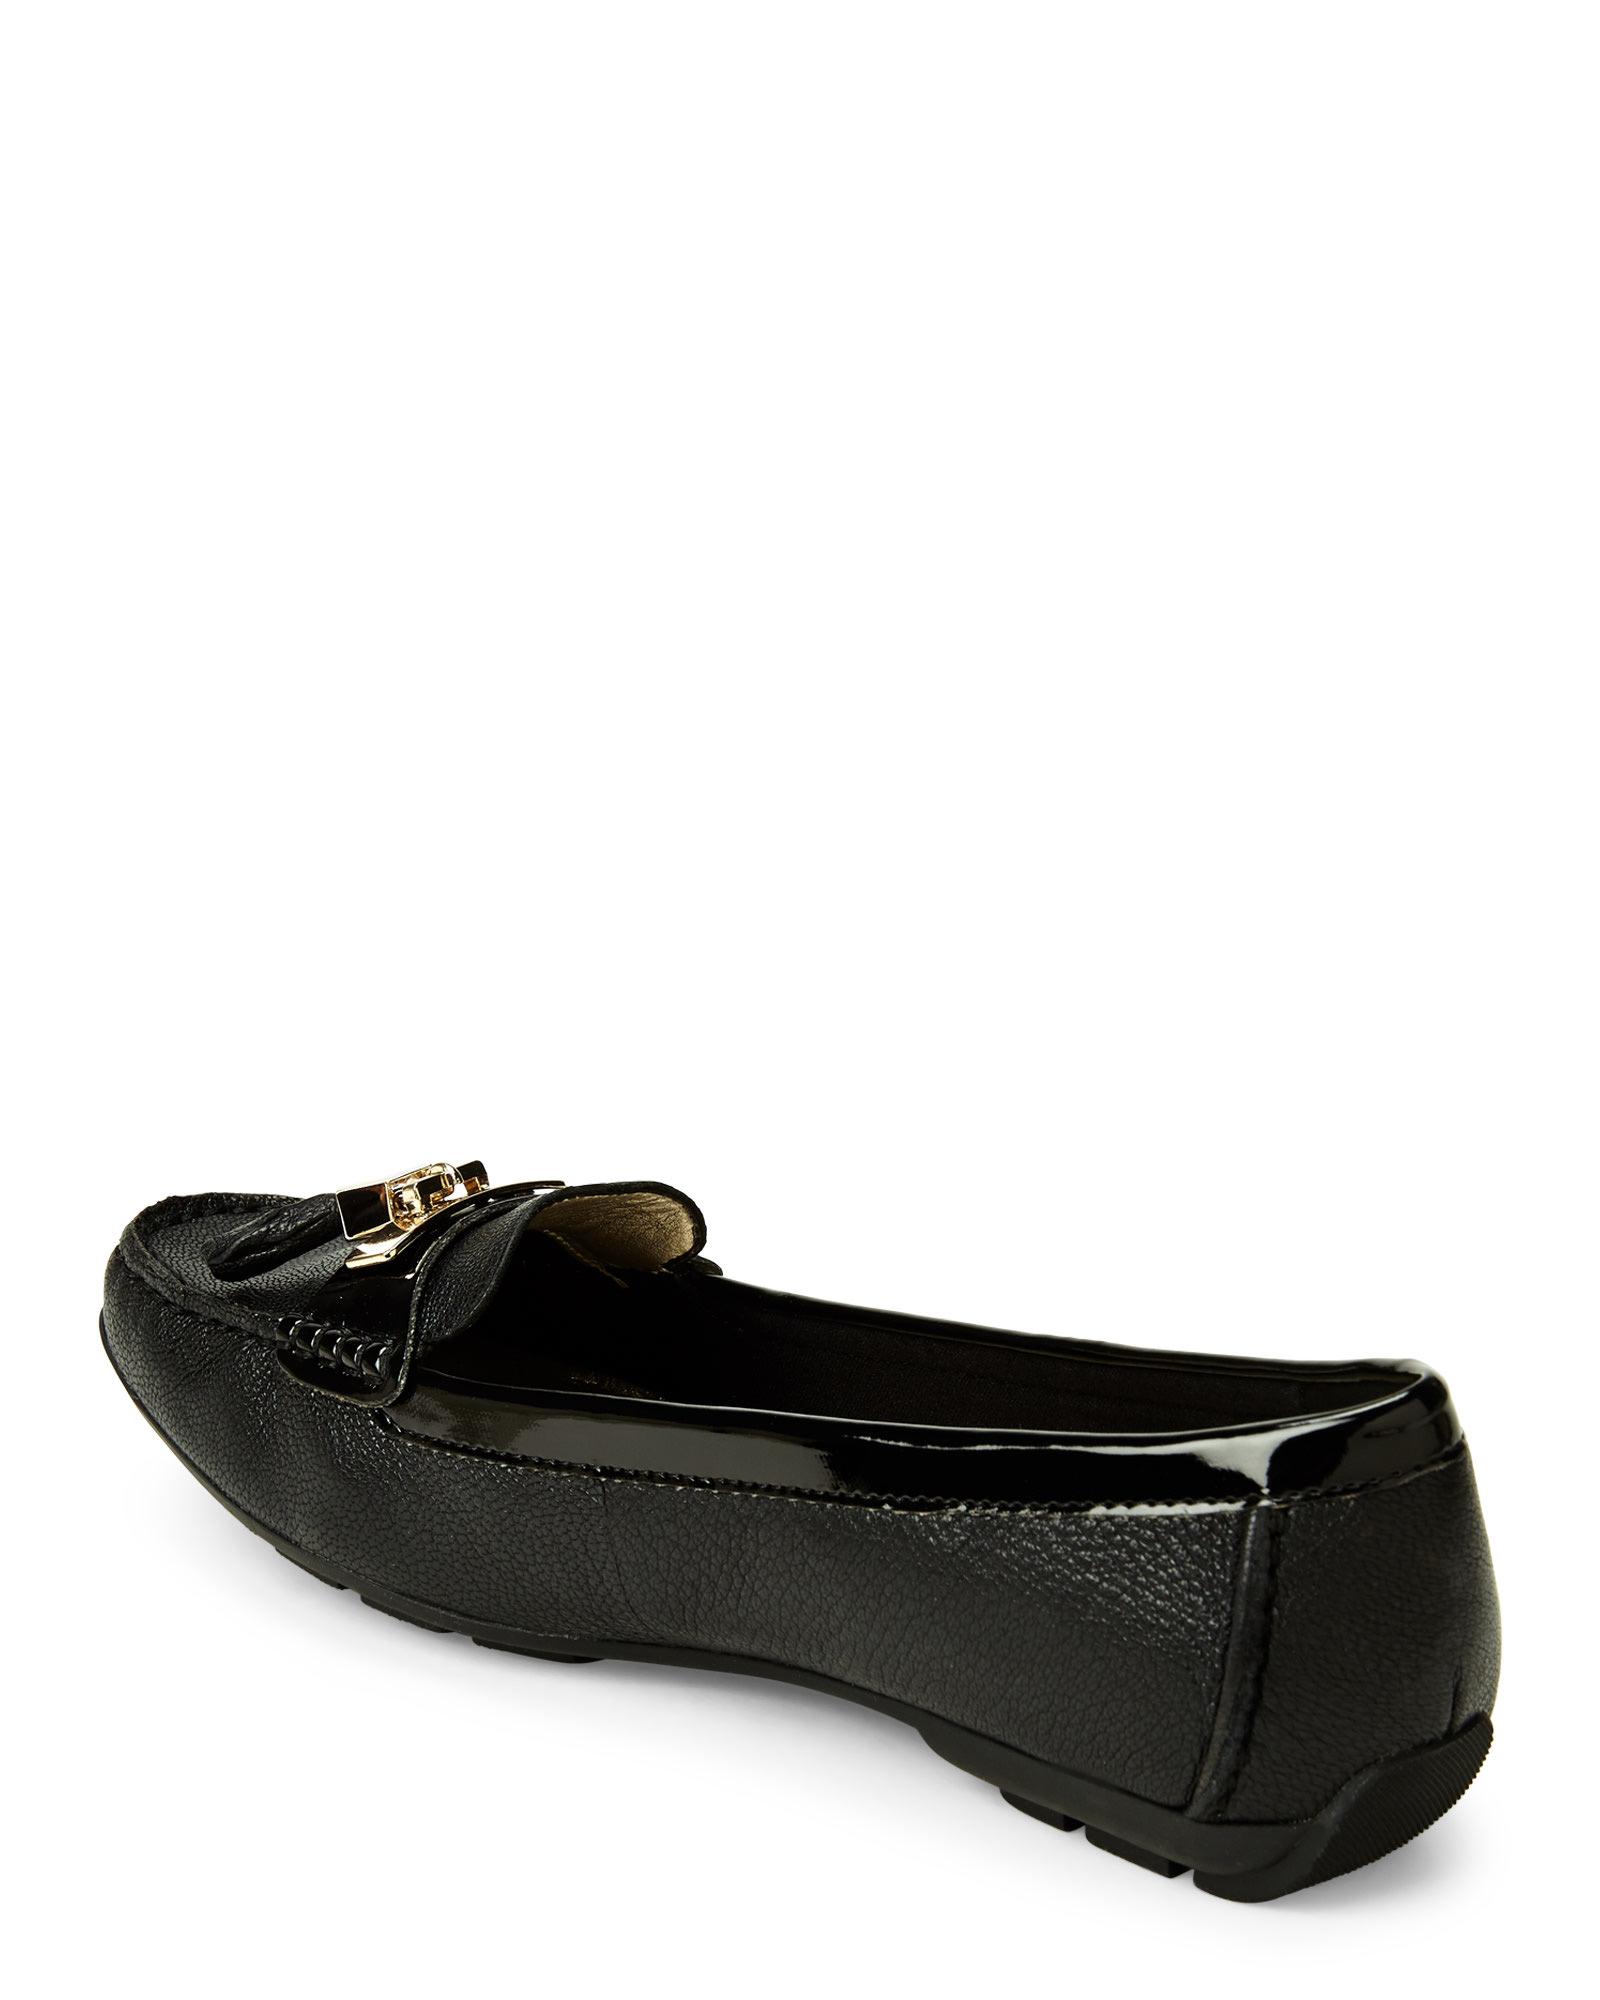 3b0ce3f252a Lyst - Anne Klein Black Koates Moc Loafers in Black